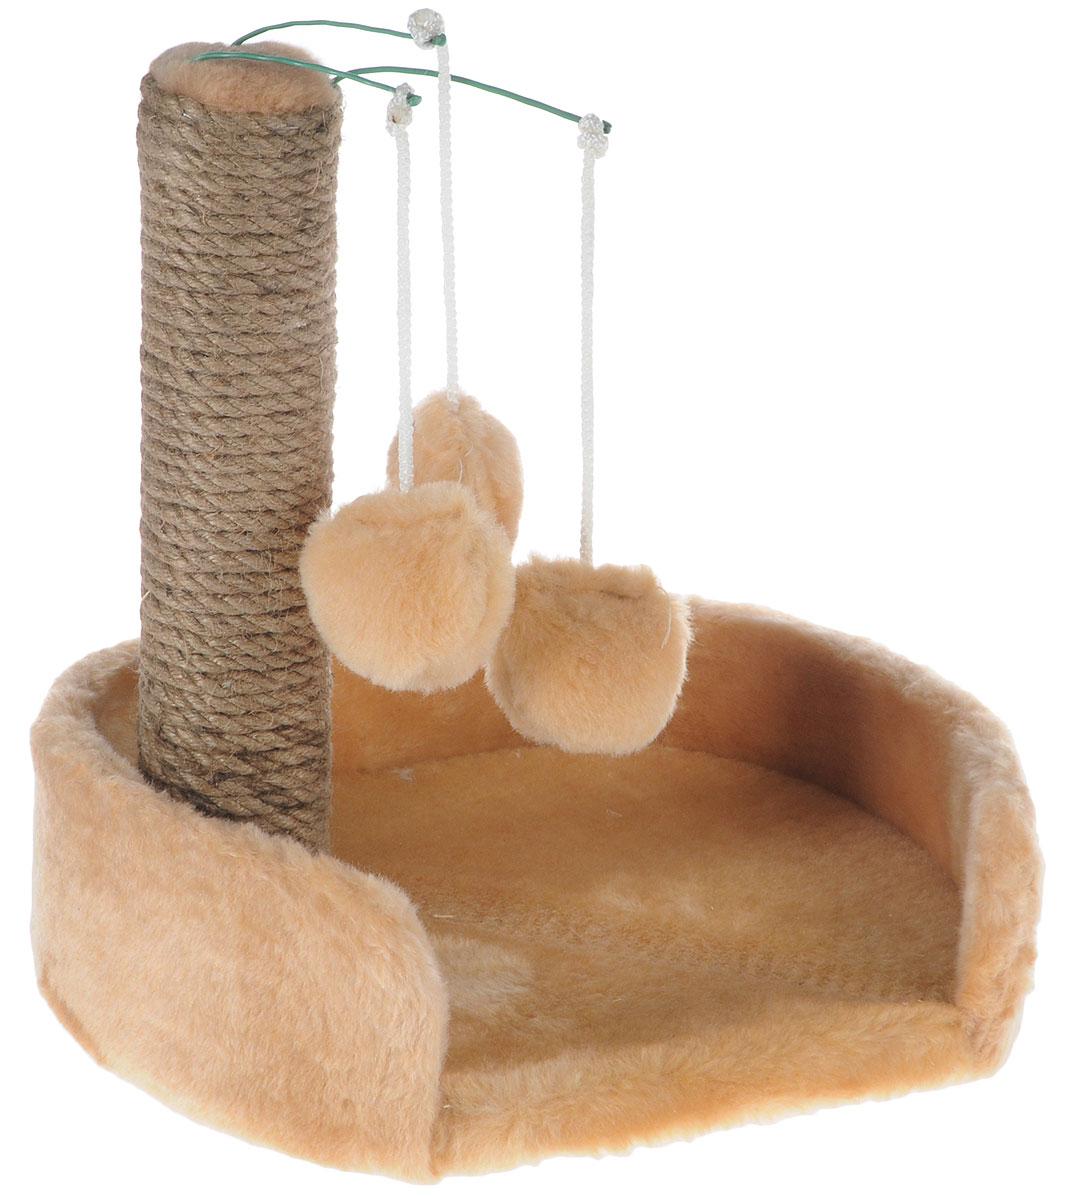 Когтеточка для котят Меридиан, с лежанкой, цвет: светло-коричневый, бежевый, 34 х 26 х 34 смК705СККогтеточка Меридиан предназначена для стачивания когтей вашего котенка и предотвращения их врастания. Она выполнена из ДВП и ДСП и обтянута искусственным мехом. Точатся когти о столбик из джута. Когтеточка оснащена подвесными игрушками, привлекающими внимание котенка. Внизу имеется спальное место.Когтеточка позволяет сохранить неповрежденными мебель и другие предметы интерьера.